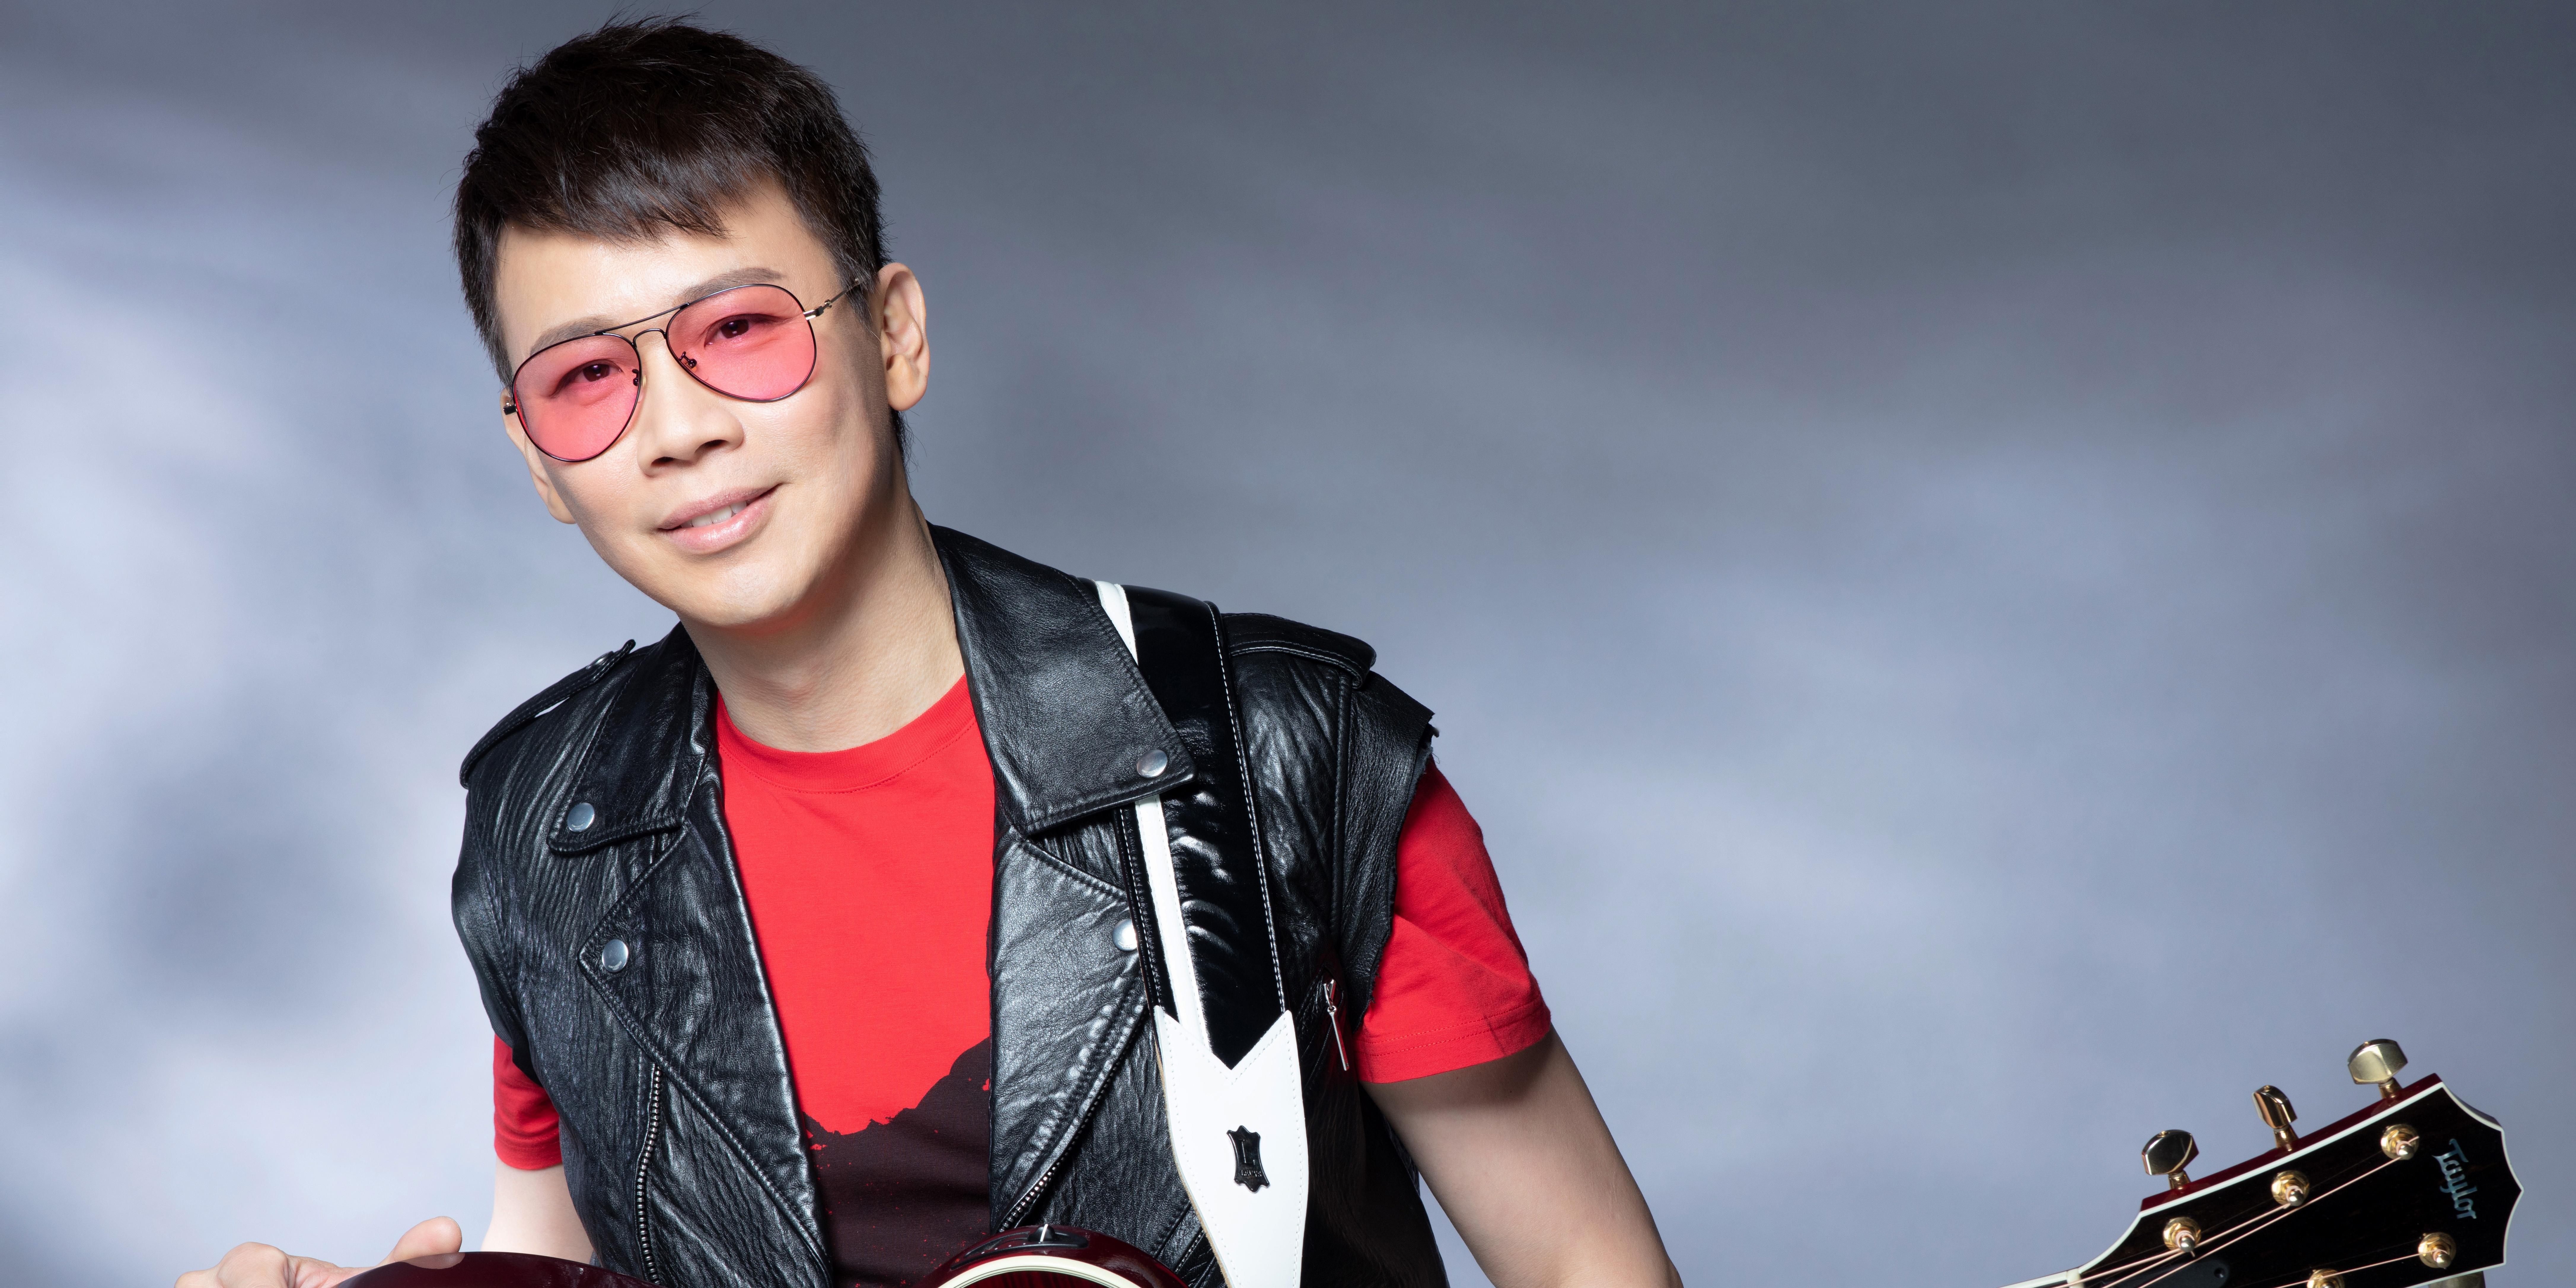 华语R&B教父陶喆将在华艺节2020压轴登场